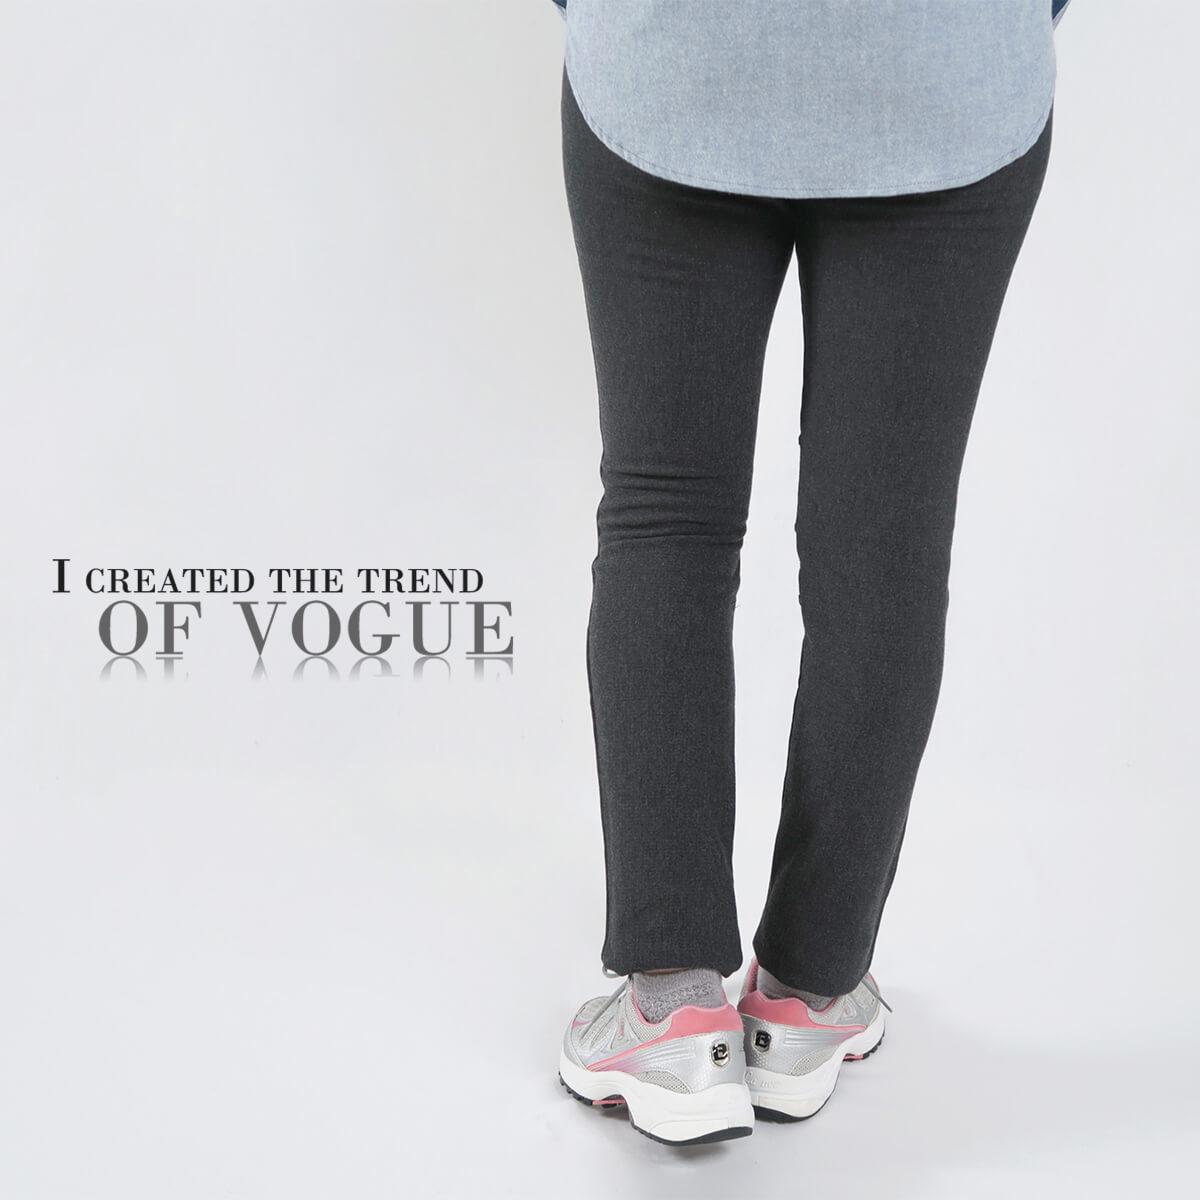 超保暖刷毛內搭褲 台灣製內搭褲 超彈力內搭褲 精絲保暖褲 修身顯瘦長褲 內裡刷毛 全腰圍配色寬版鬆緊帶 黑色長褲 MADE IN TAIWAN WARM PANTS FLEECE LINED LEGGINGS (012-6100-21)黑色、(012-6100-22)深灰色 腰圍M L XL(26~31英吋) 女 [實體店面保障] sun-e 6